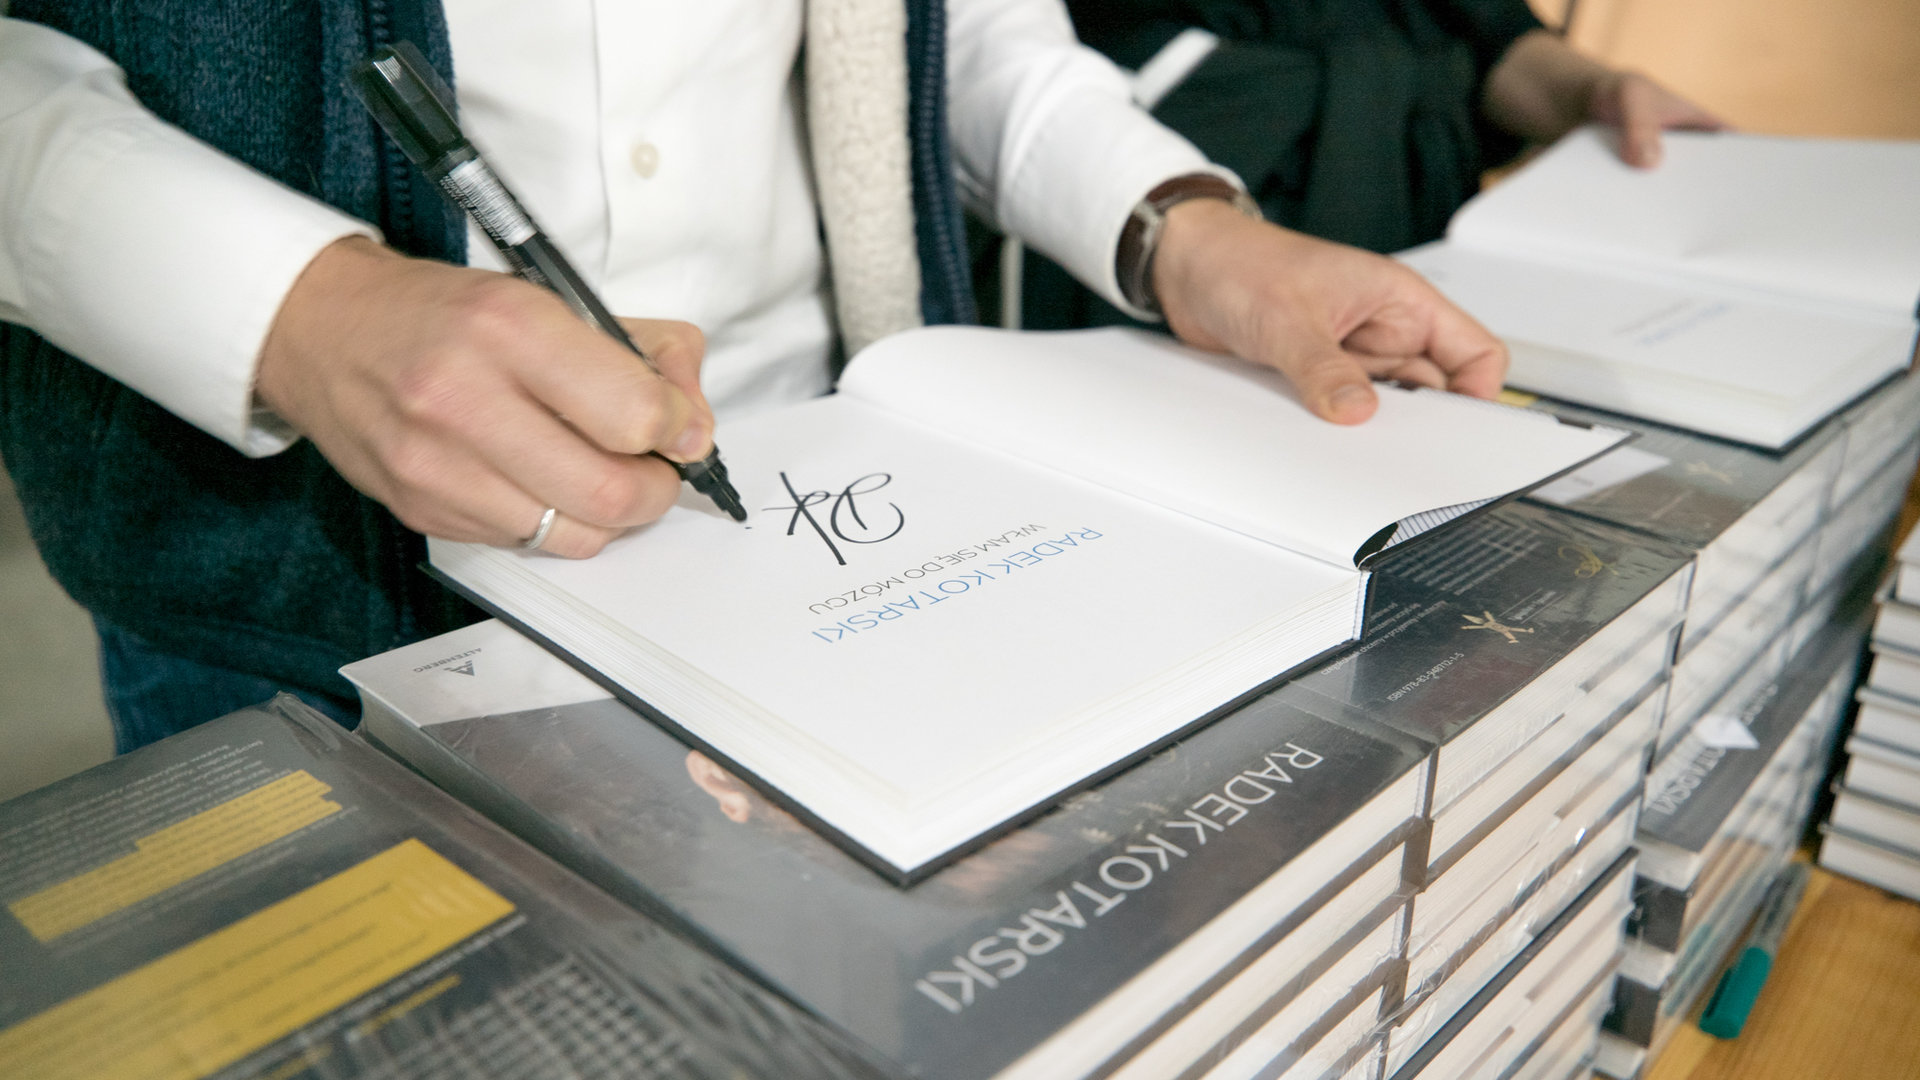 Książka znanego Youtubera zeszła na pniu! Radek Kotarski wydał ją sam. Oto, jak nauczył się szwedzkiego w pół roku i dlaczego został wydawcą